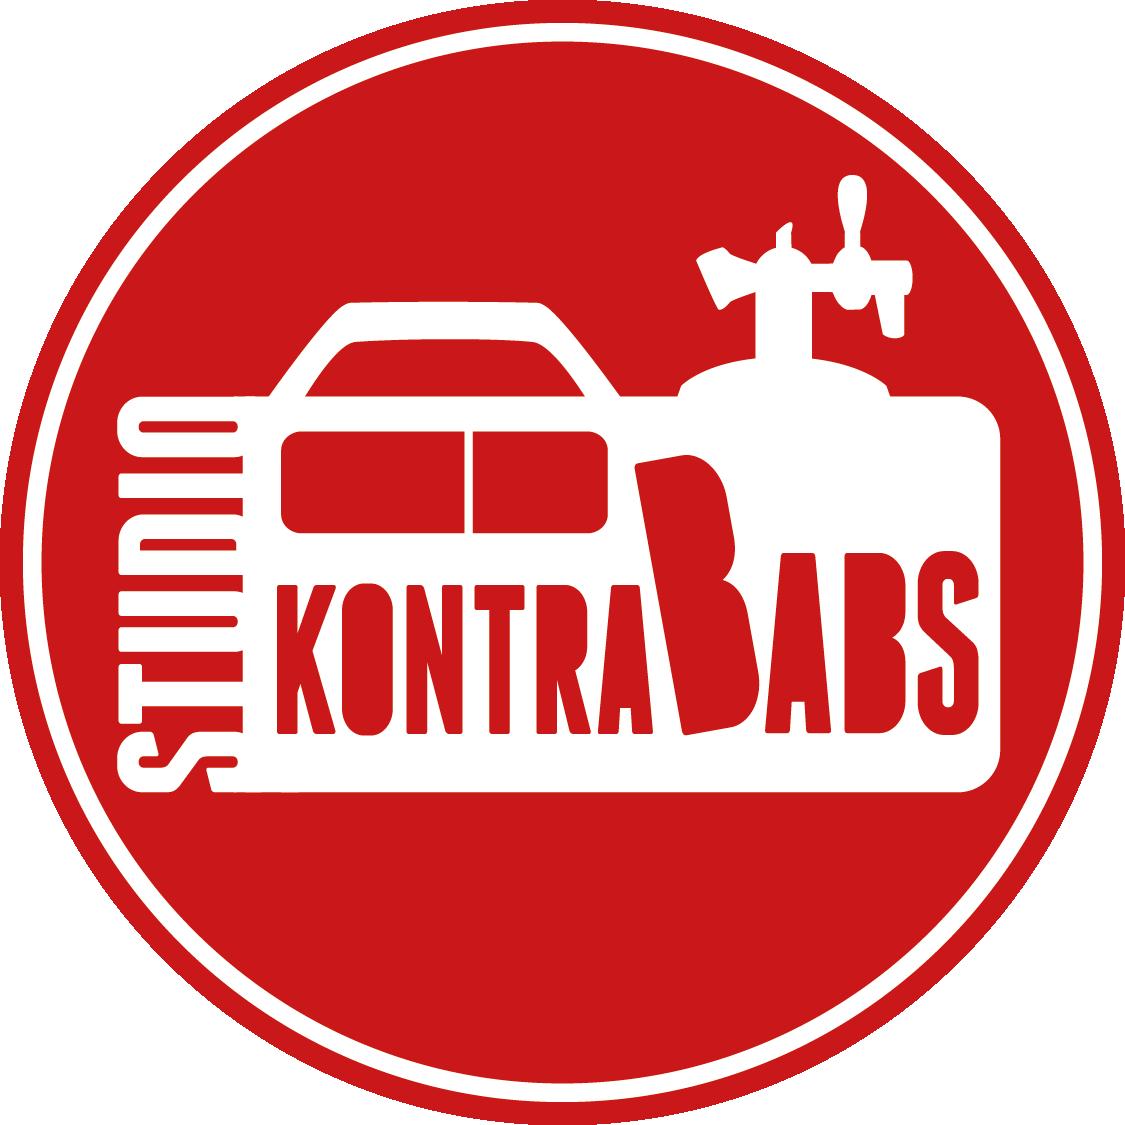 Studio Kontrababs